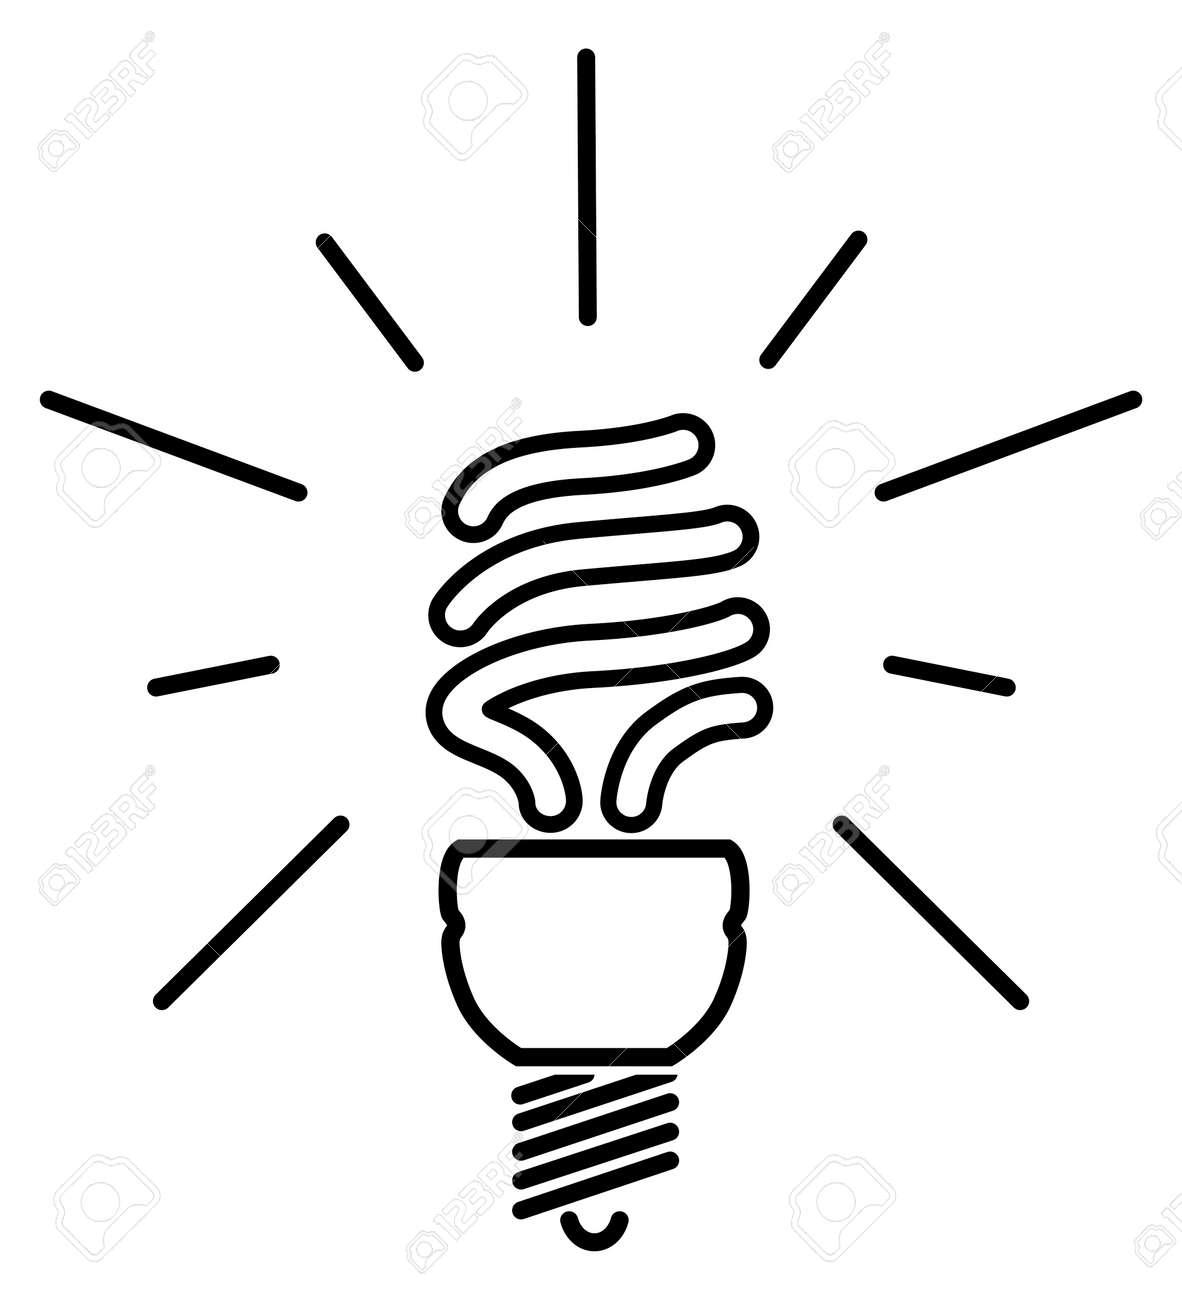 Как нарисовать лампочку карандашом